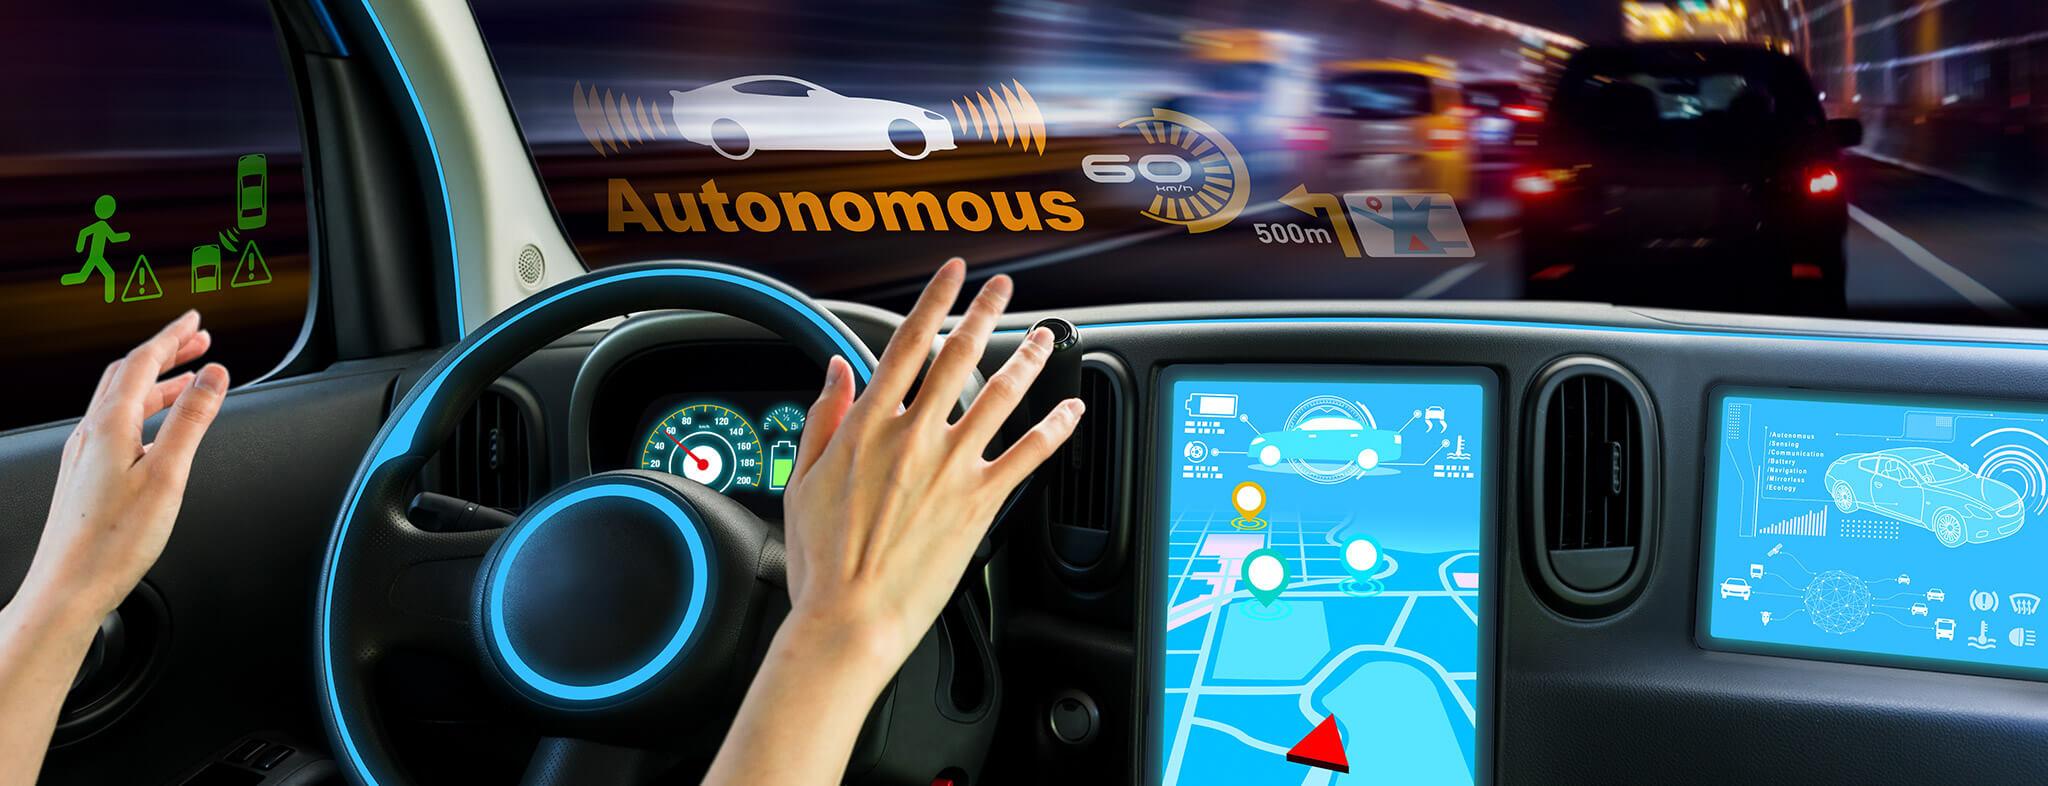 autonomes fahren wann fahren wir nicht mehr selbst. Black Bedroom Furniture Sets. Home Design Ideas